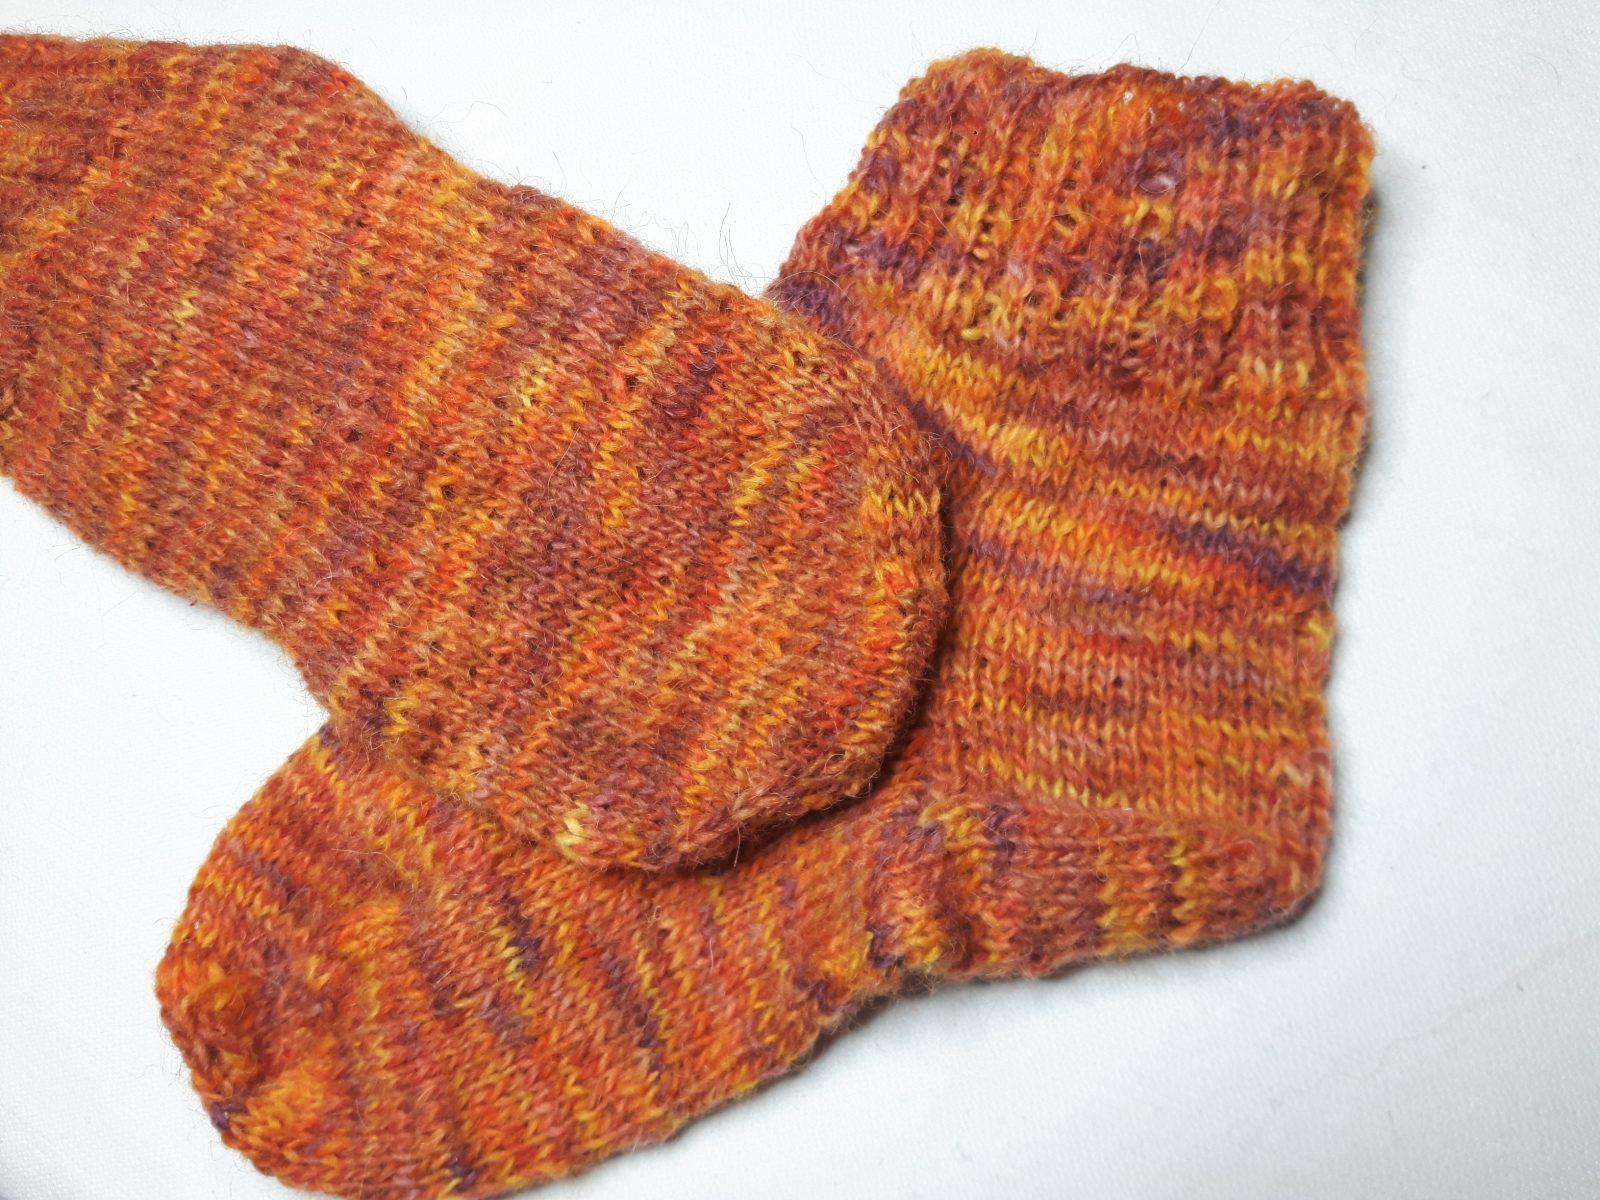 Jak zrobić skarpetki na drutach?, moje pierwsze skarpetki na drutach dla taty, tatrawool, woolniej.pl